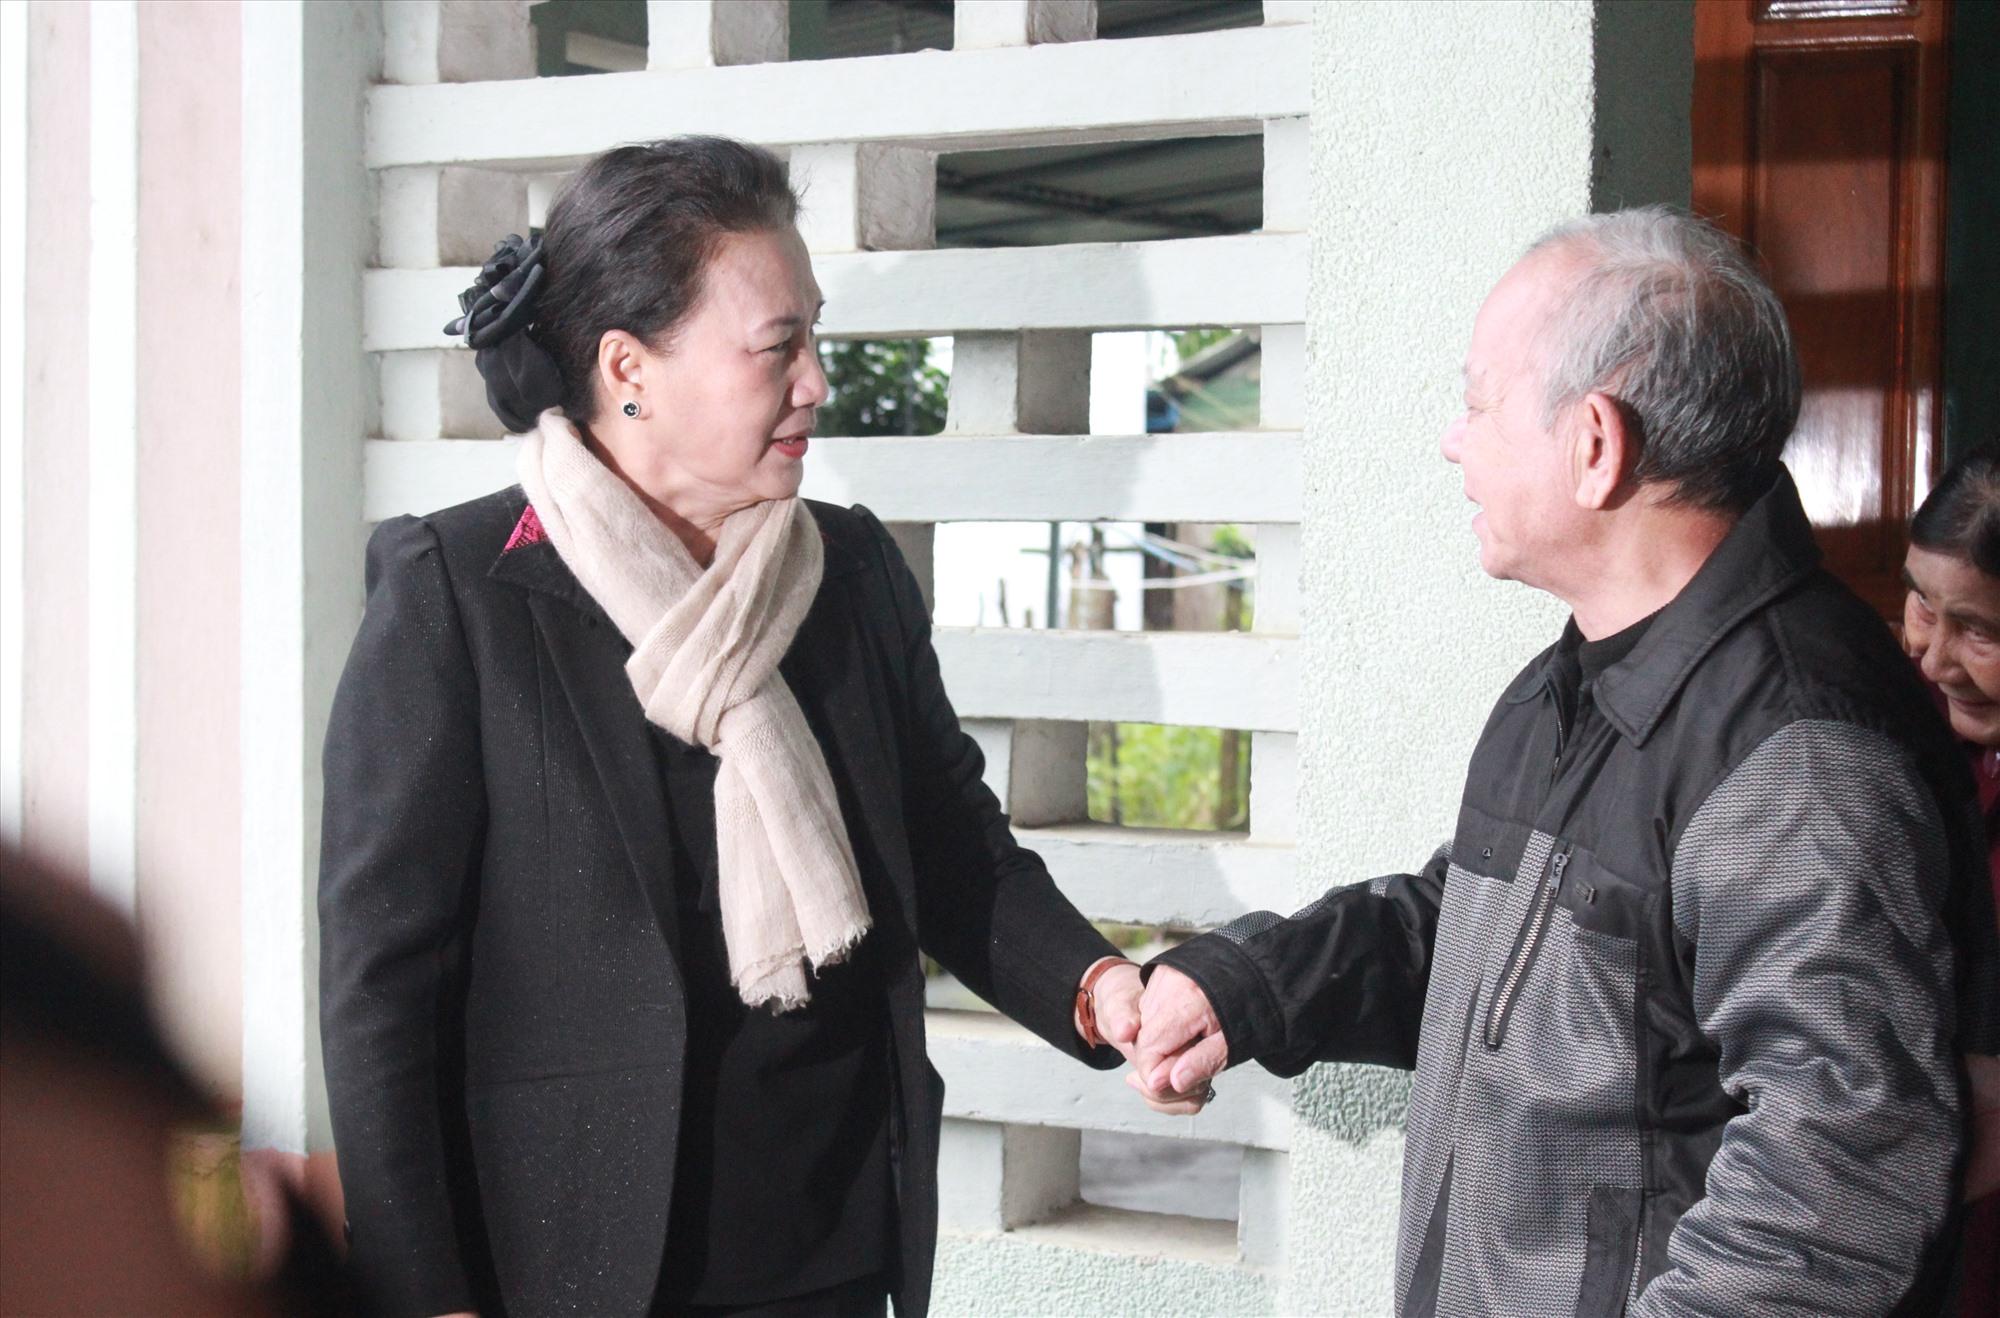 Dịp này, đoàn công tác cũng đến thăm, tặng quà cho cụ Hồ Văn Điều - Nguyên Đại biểu Quốc hội khóa VIII. Ảnh: T.C